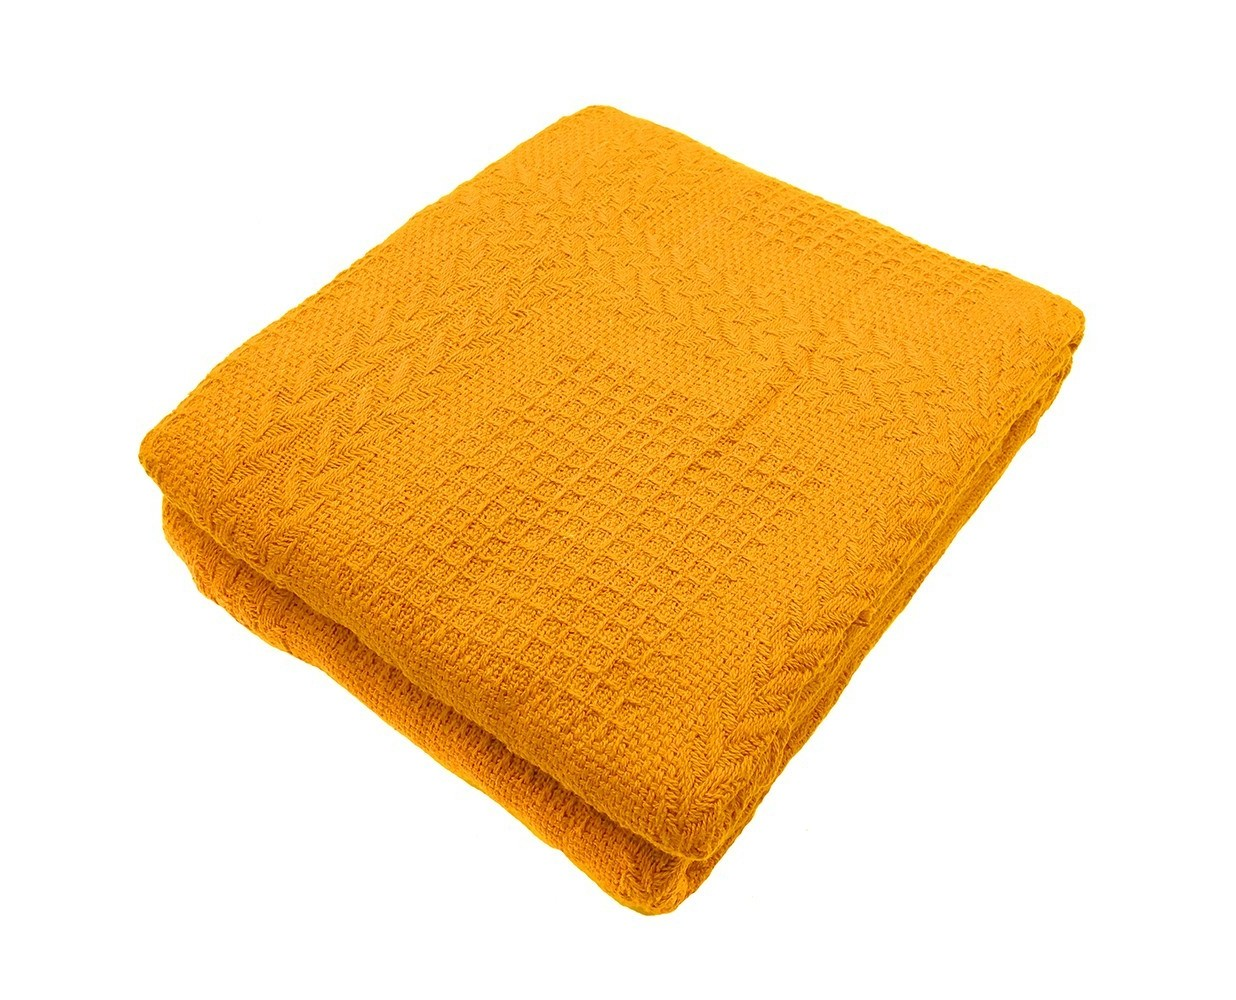 Покрывало Марсель 200*240Покрывала<br>Хлопковое объемное вязаное покрывало жизнерадостного оранжевого цвета.&amp;amp;nbsp;&amp;lt;div&amp;gt;Край покрывала оформлен кистями.&amp;lt;/div&amp;gt;<br><br>Material: Хлопок<br>Ширина см: 200<br>Глубина см: 240